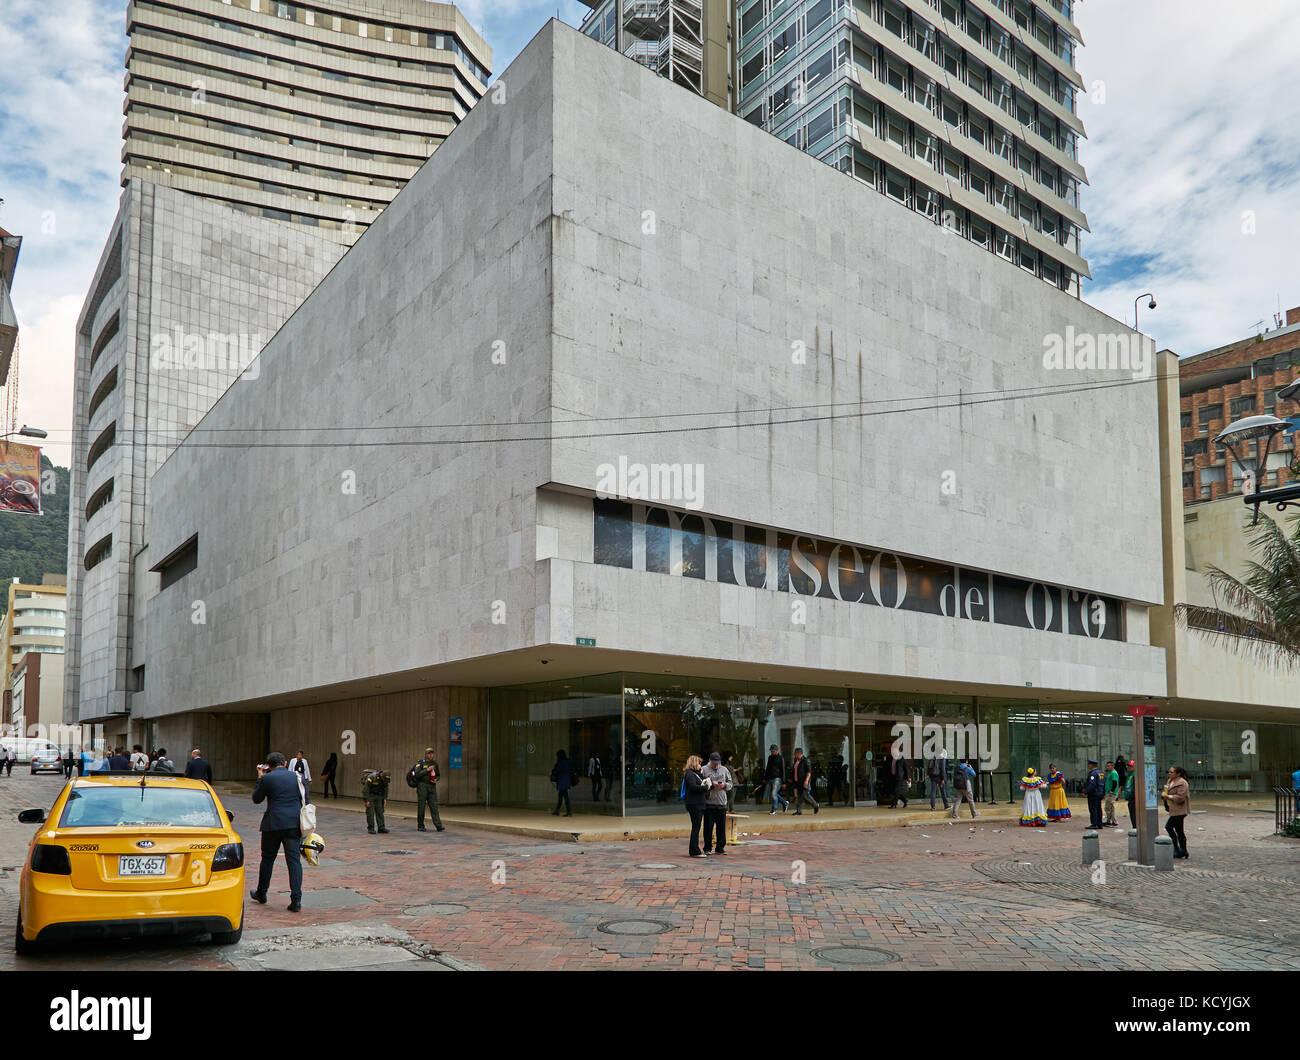 Vista exterior del Museo del Oro o el museo del oro, Bogotá, Colombia, Sur améric Imagen De Stock